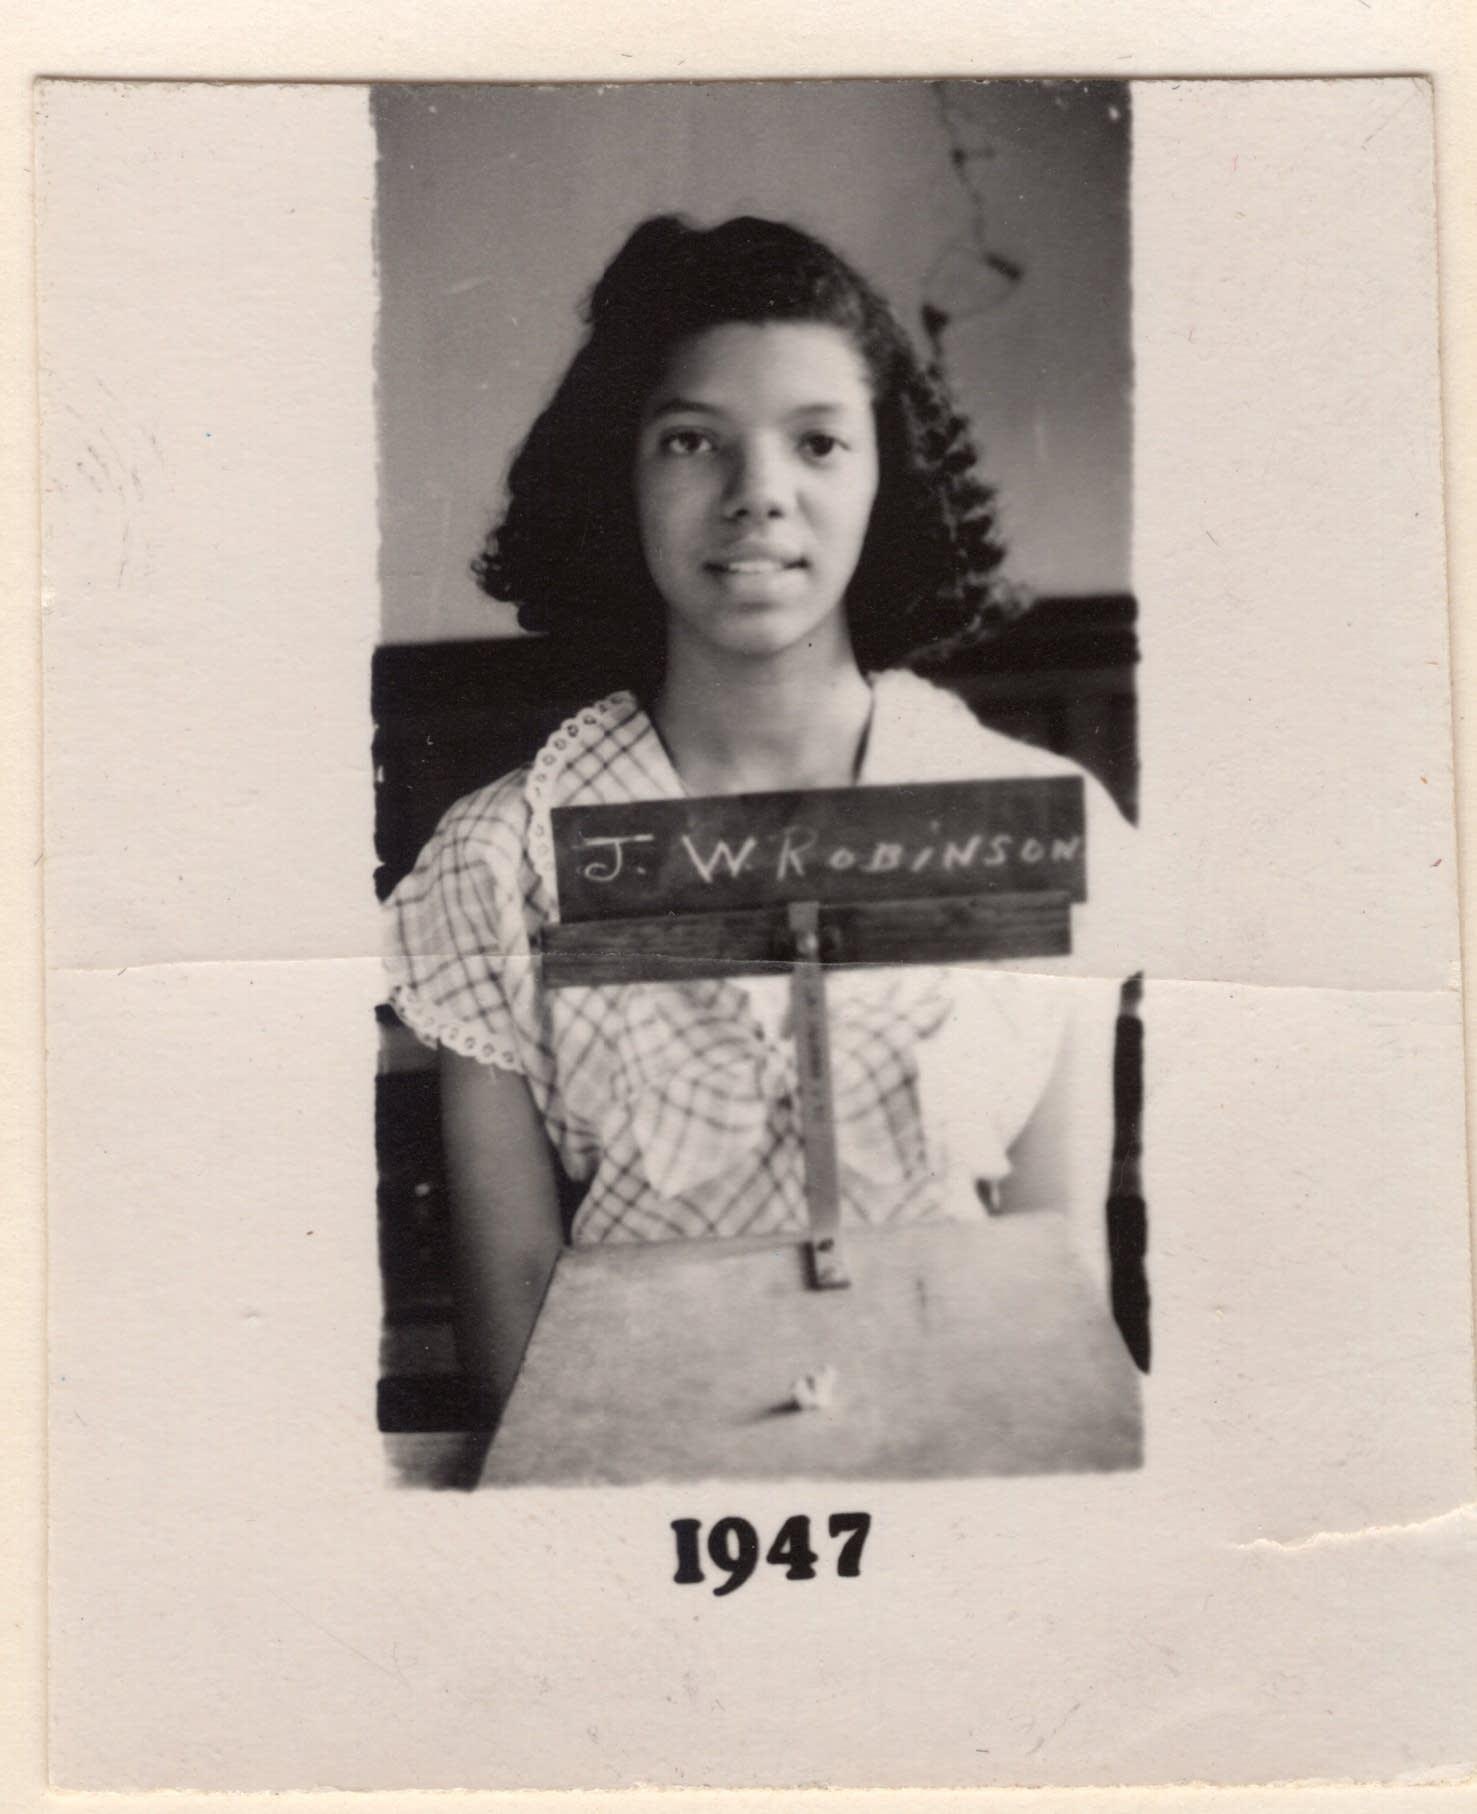 Josie Johnson in her freshman year at Fisk University in 1947.